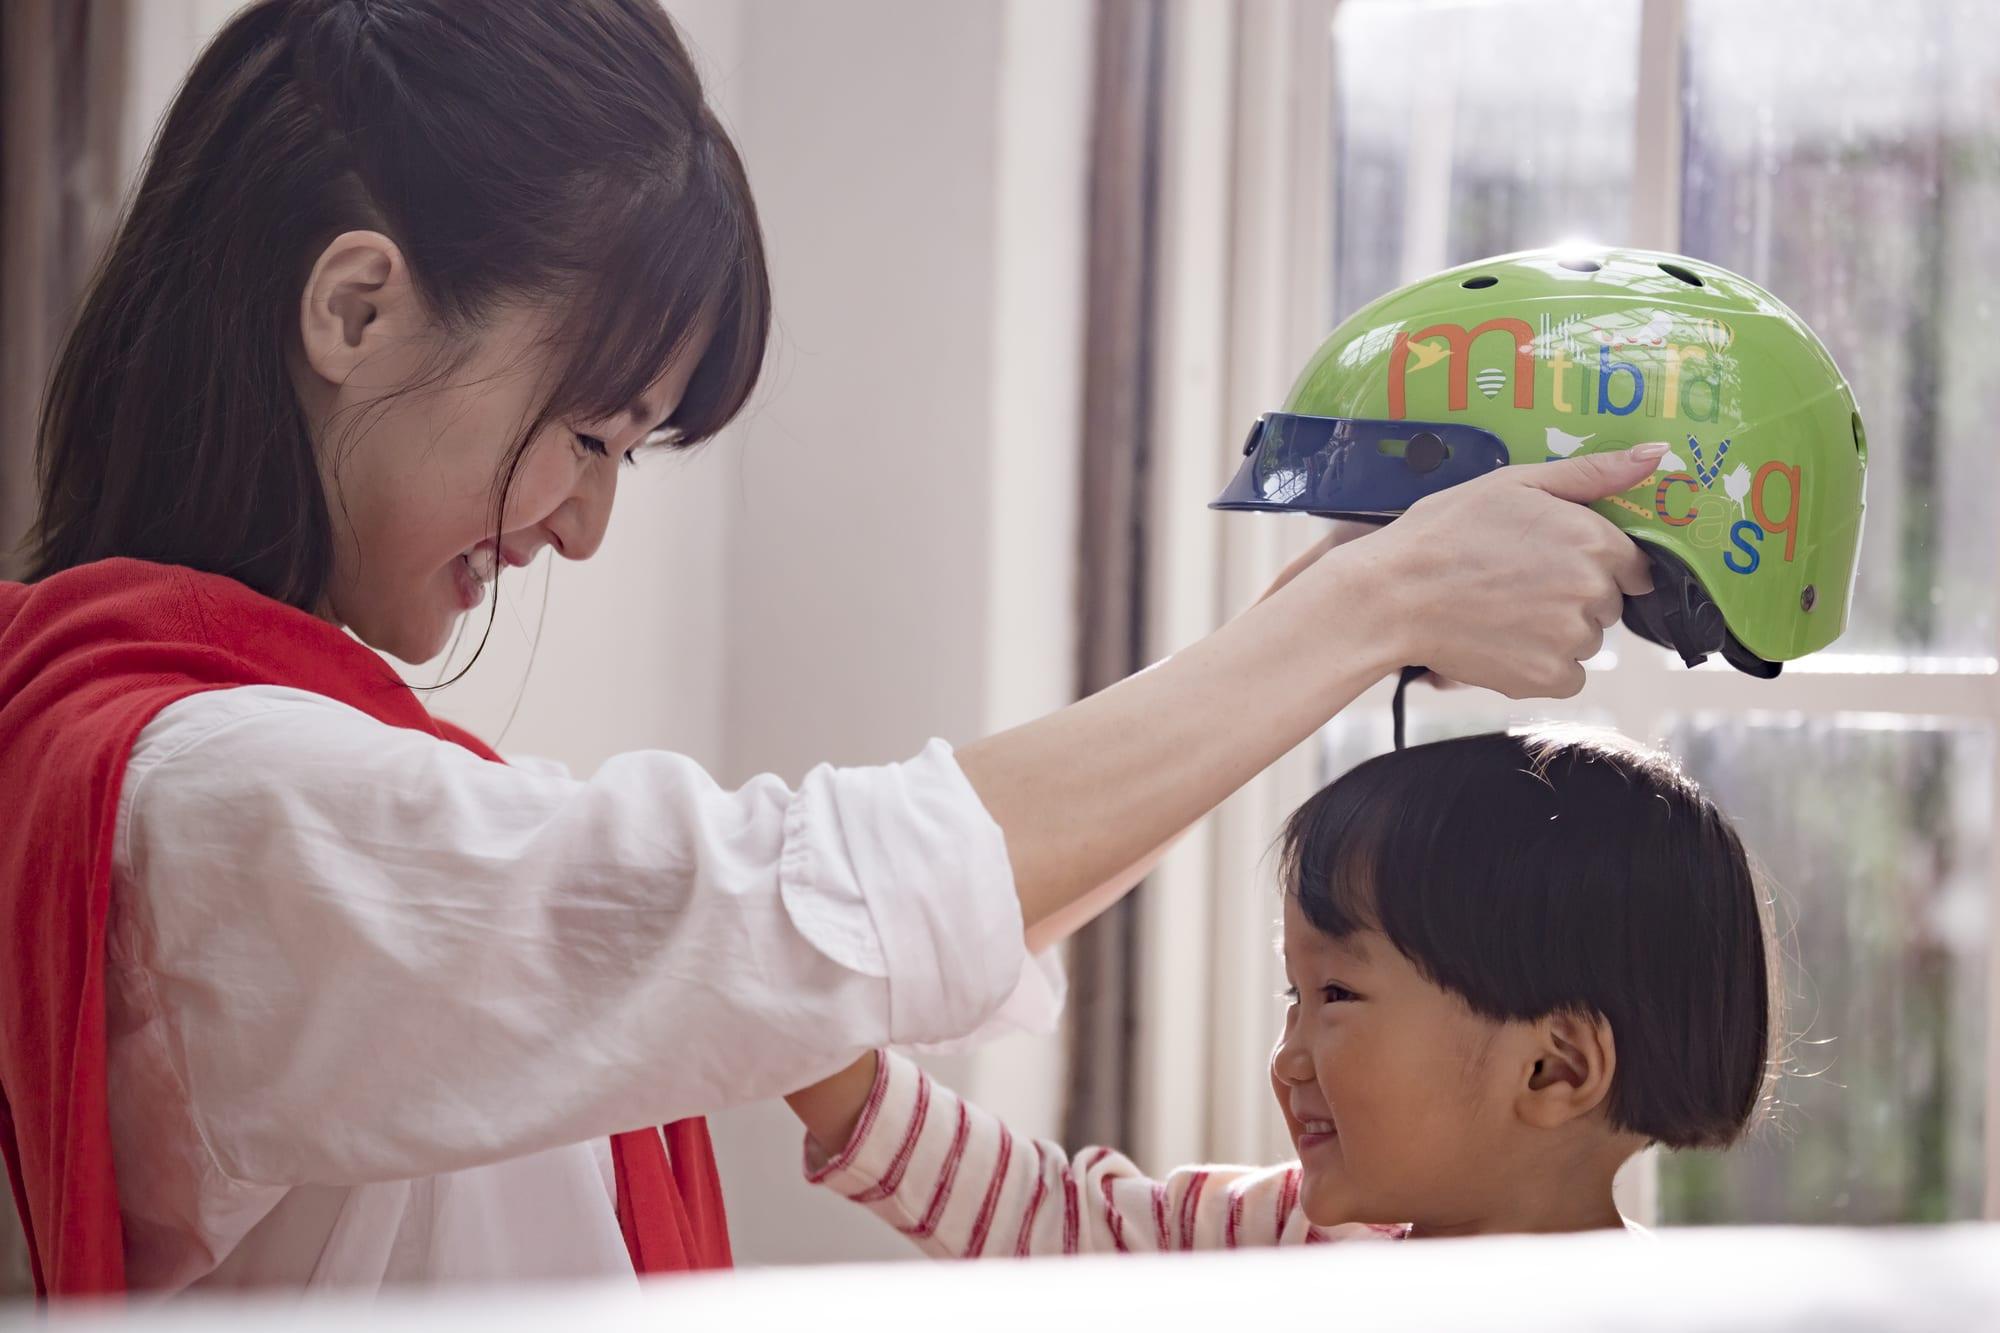 子供用のヘルメットは、安全性第一で選ぶ必要がある